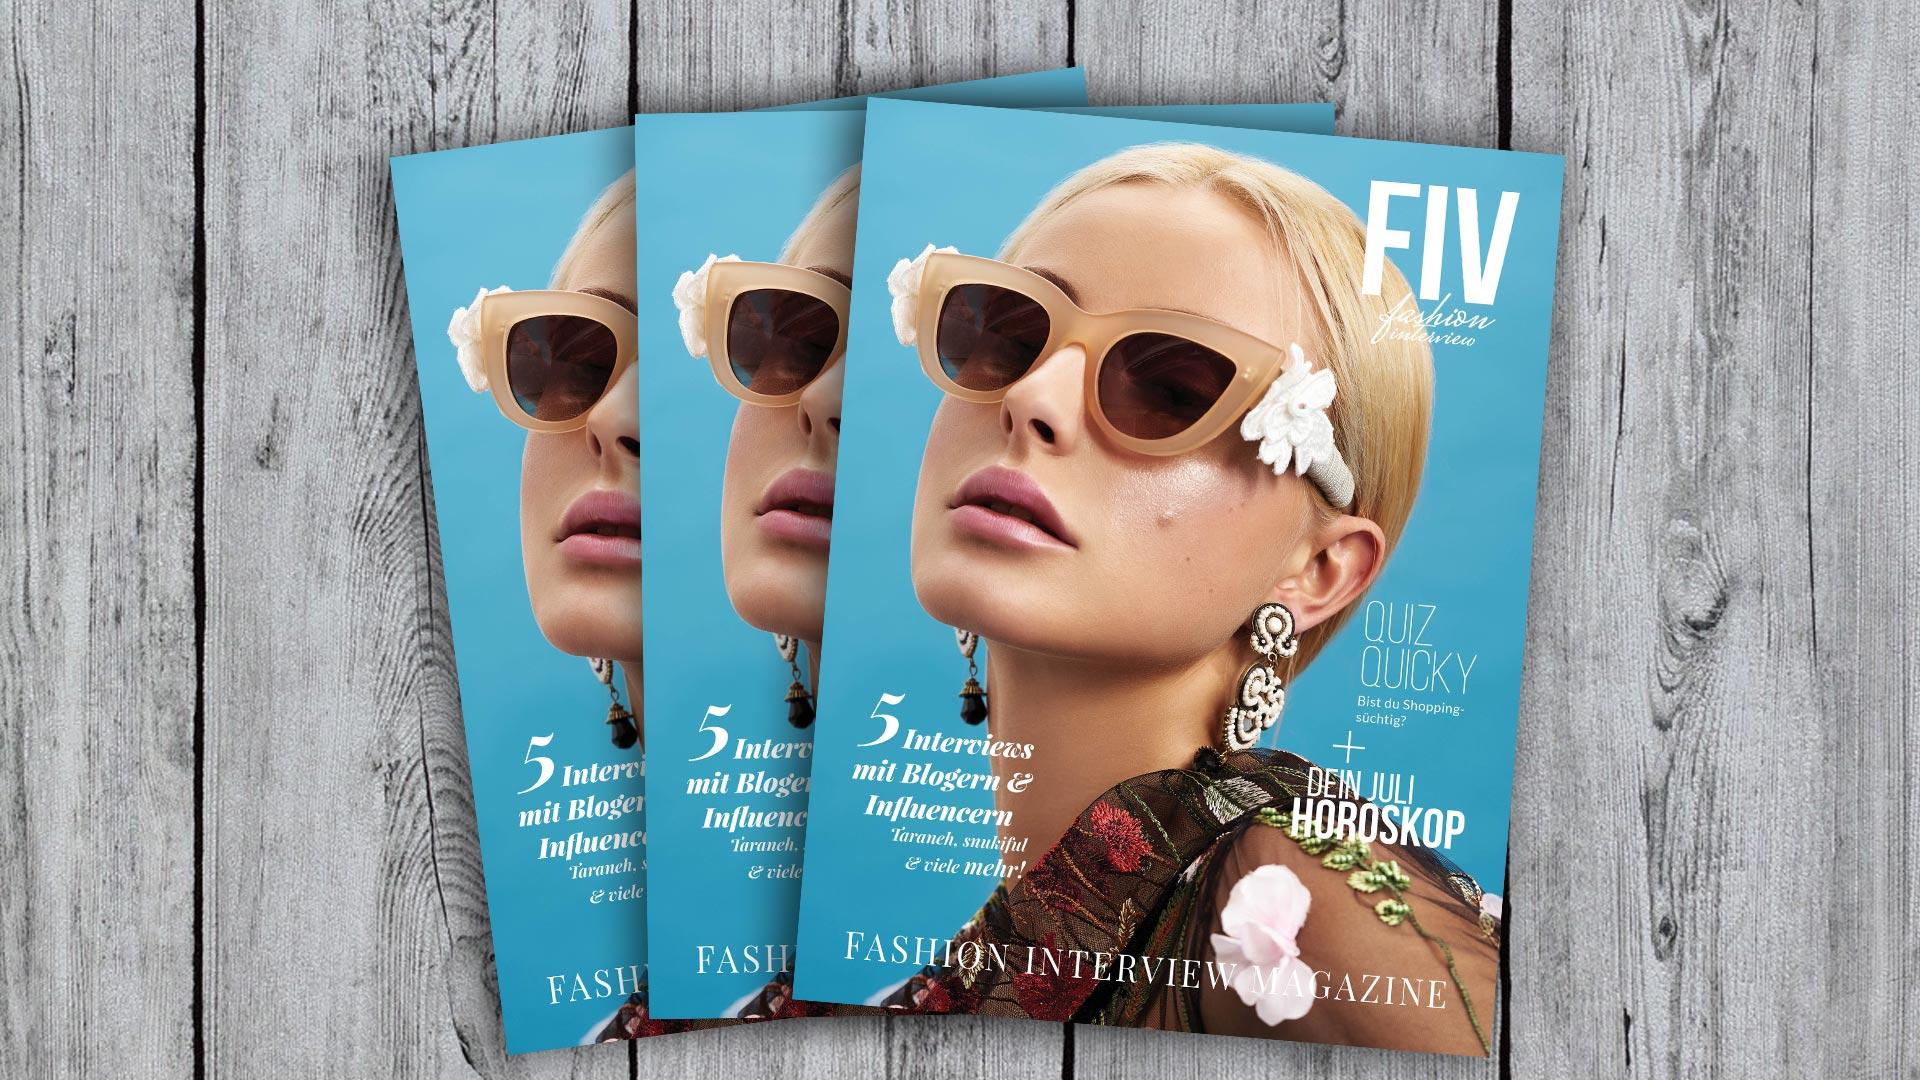 FIV Magazine #3 Juli - Blogger, Fotostrecken, Kolumnen, Horoscop, Quiz und mehr!